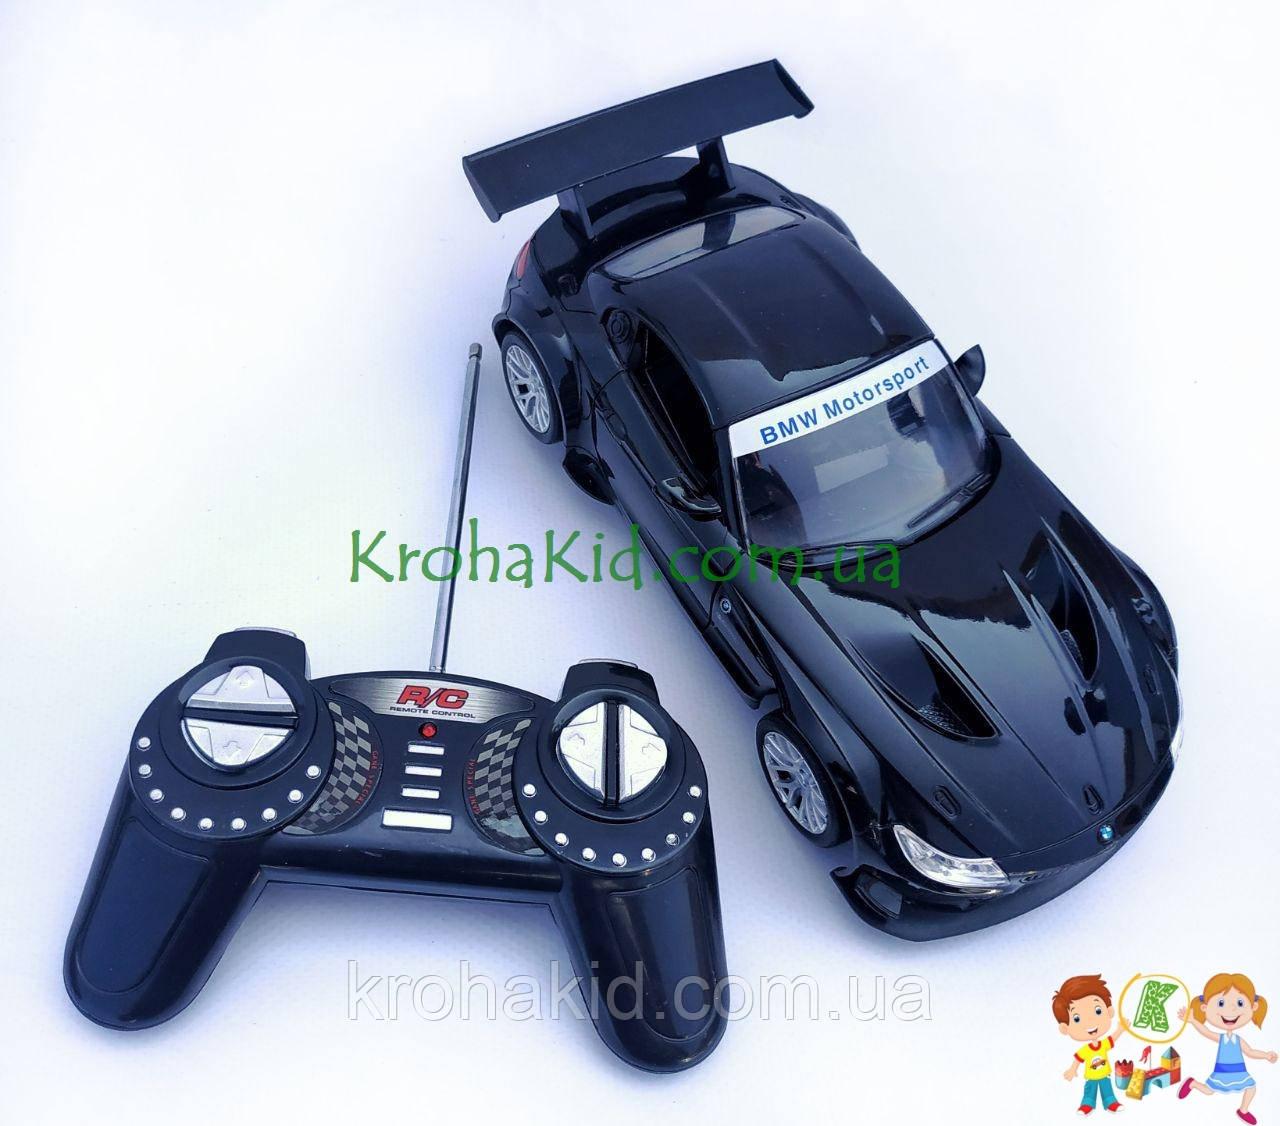 Машина BMW Z4 GT3 на радиоуправлении 866-1812B аккумулятор 4.8V (черный)